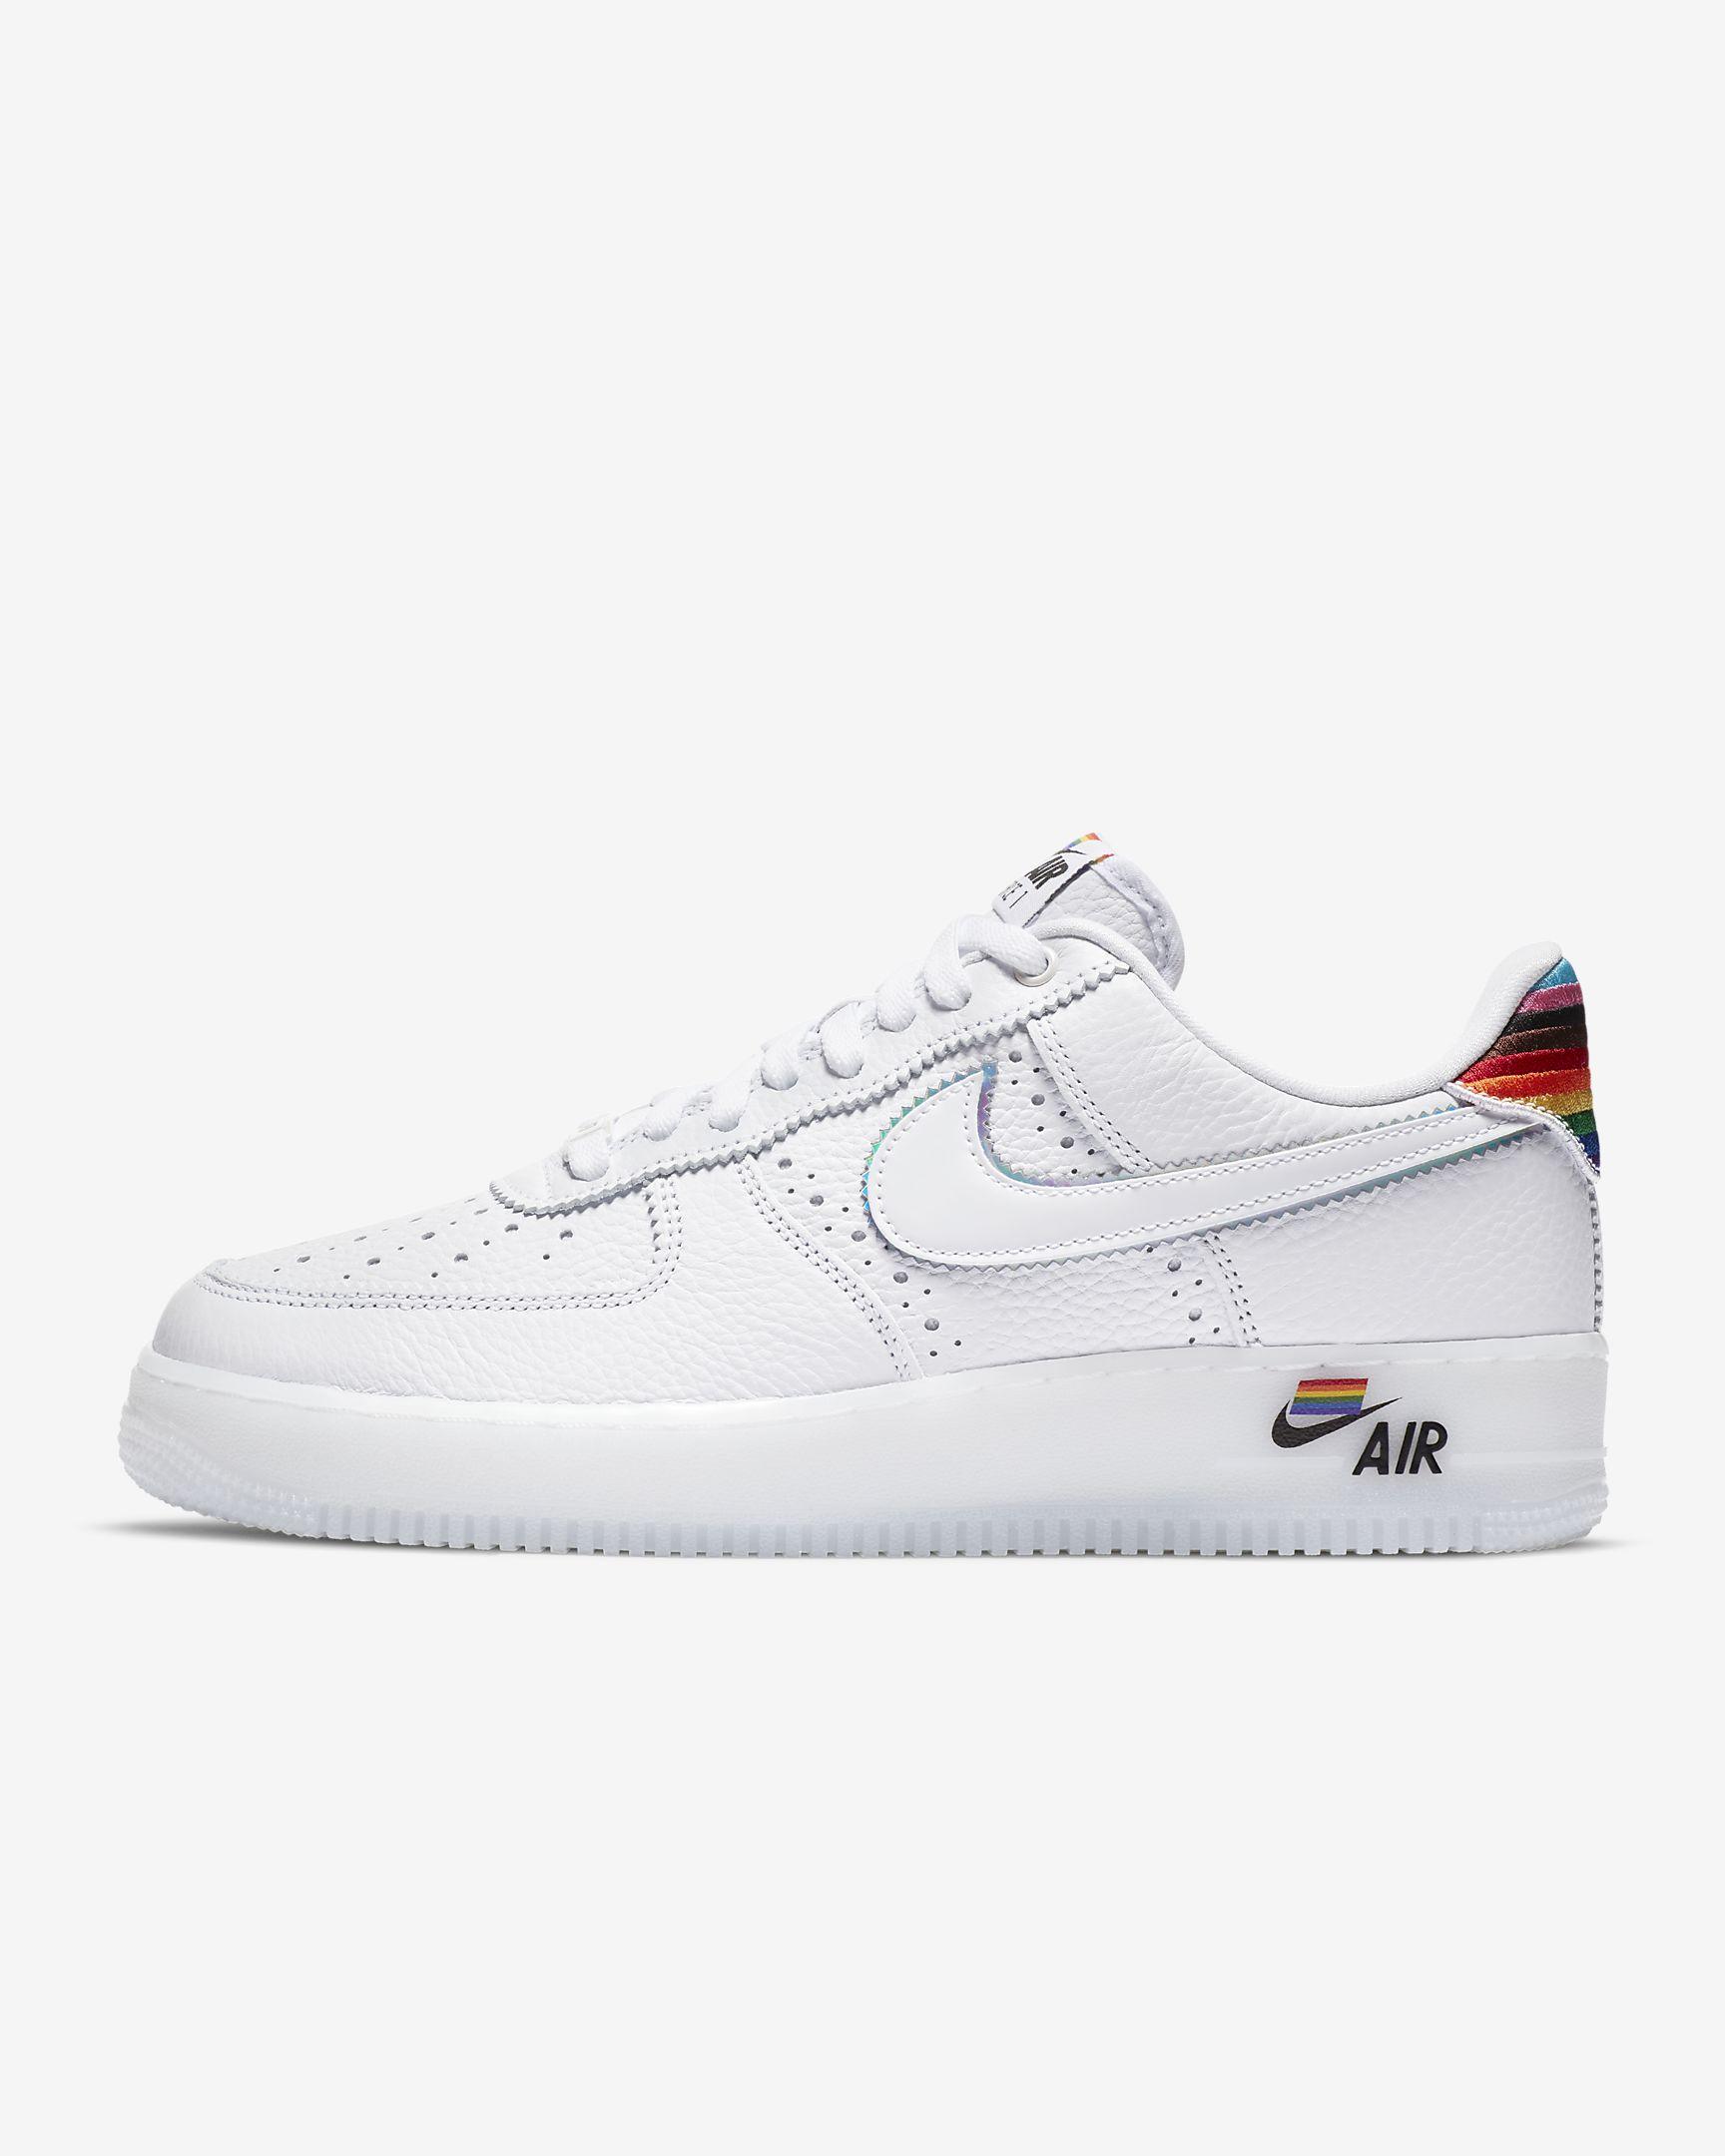 nike air force 1 betrue, sneakers, pride, week 26